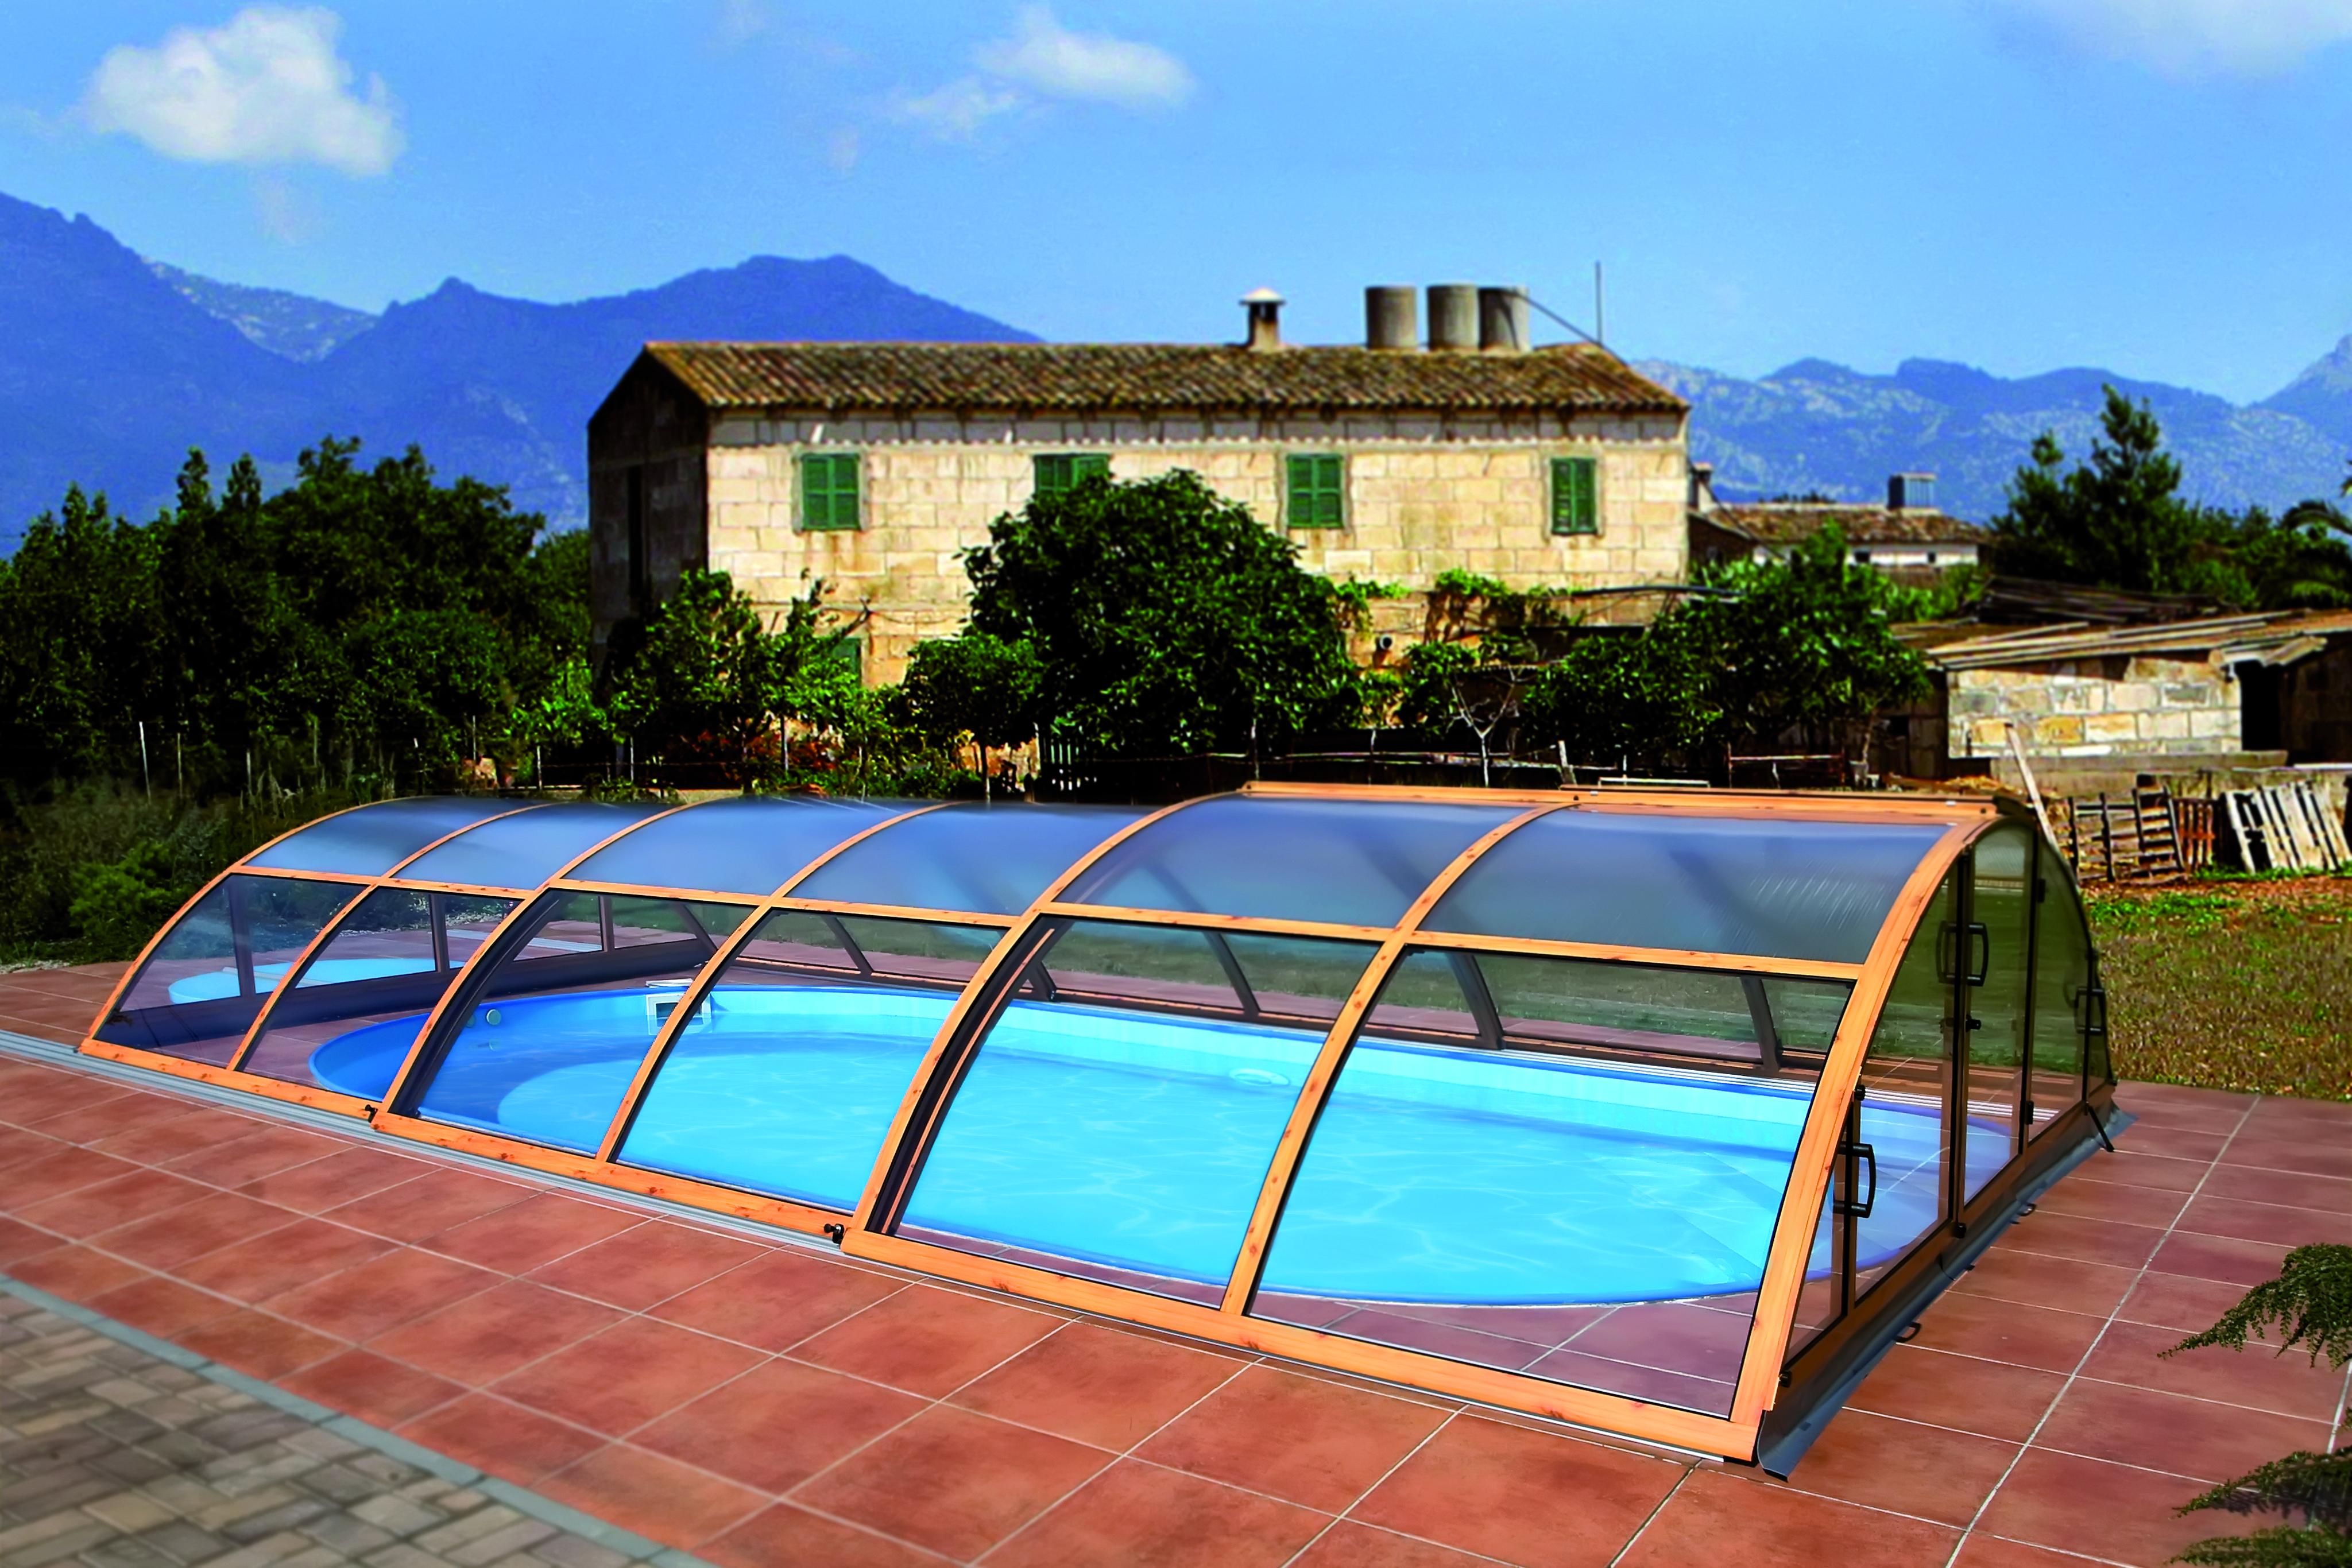 покрытия для бассейна - павильон со сдвижной системой